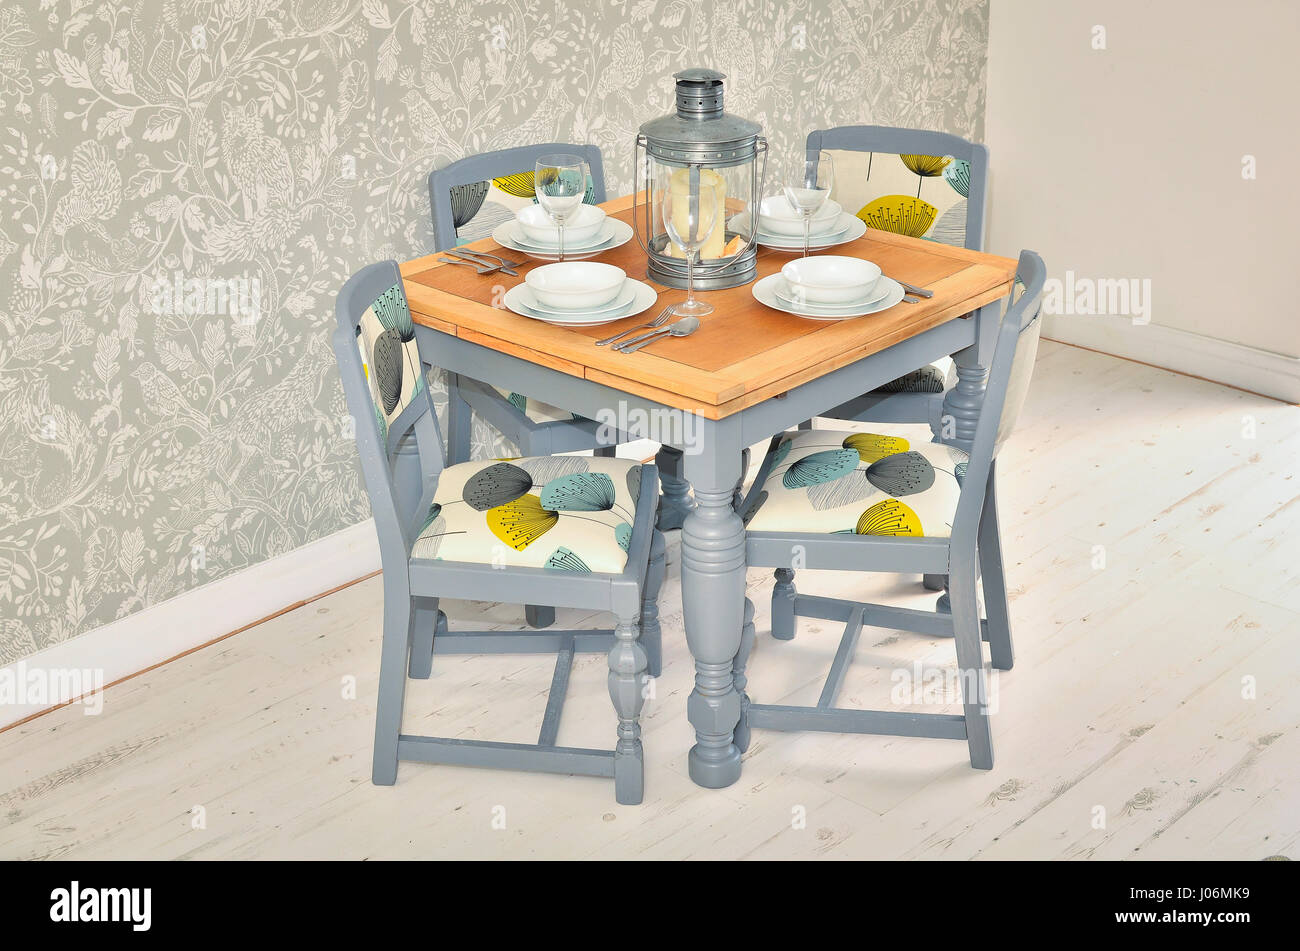 Tavoli Da Pranzo Shabby Chic : Tavolo da pranzo con sedie piatti bicchieri e posate shabby